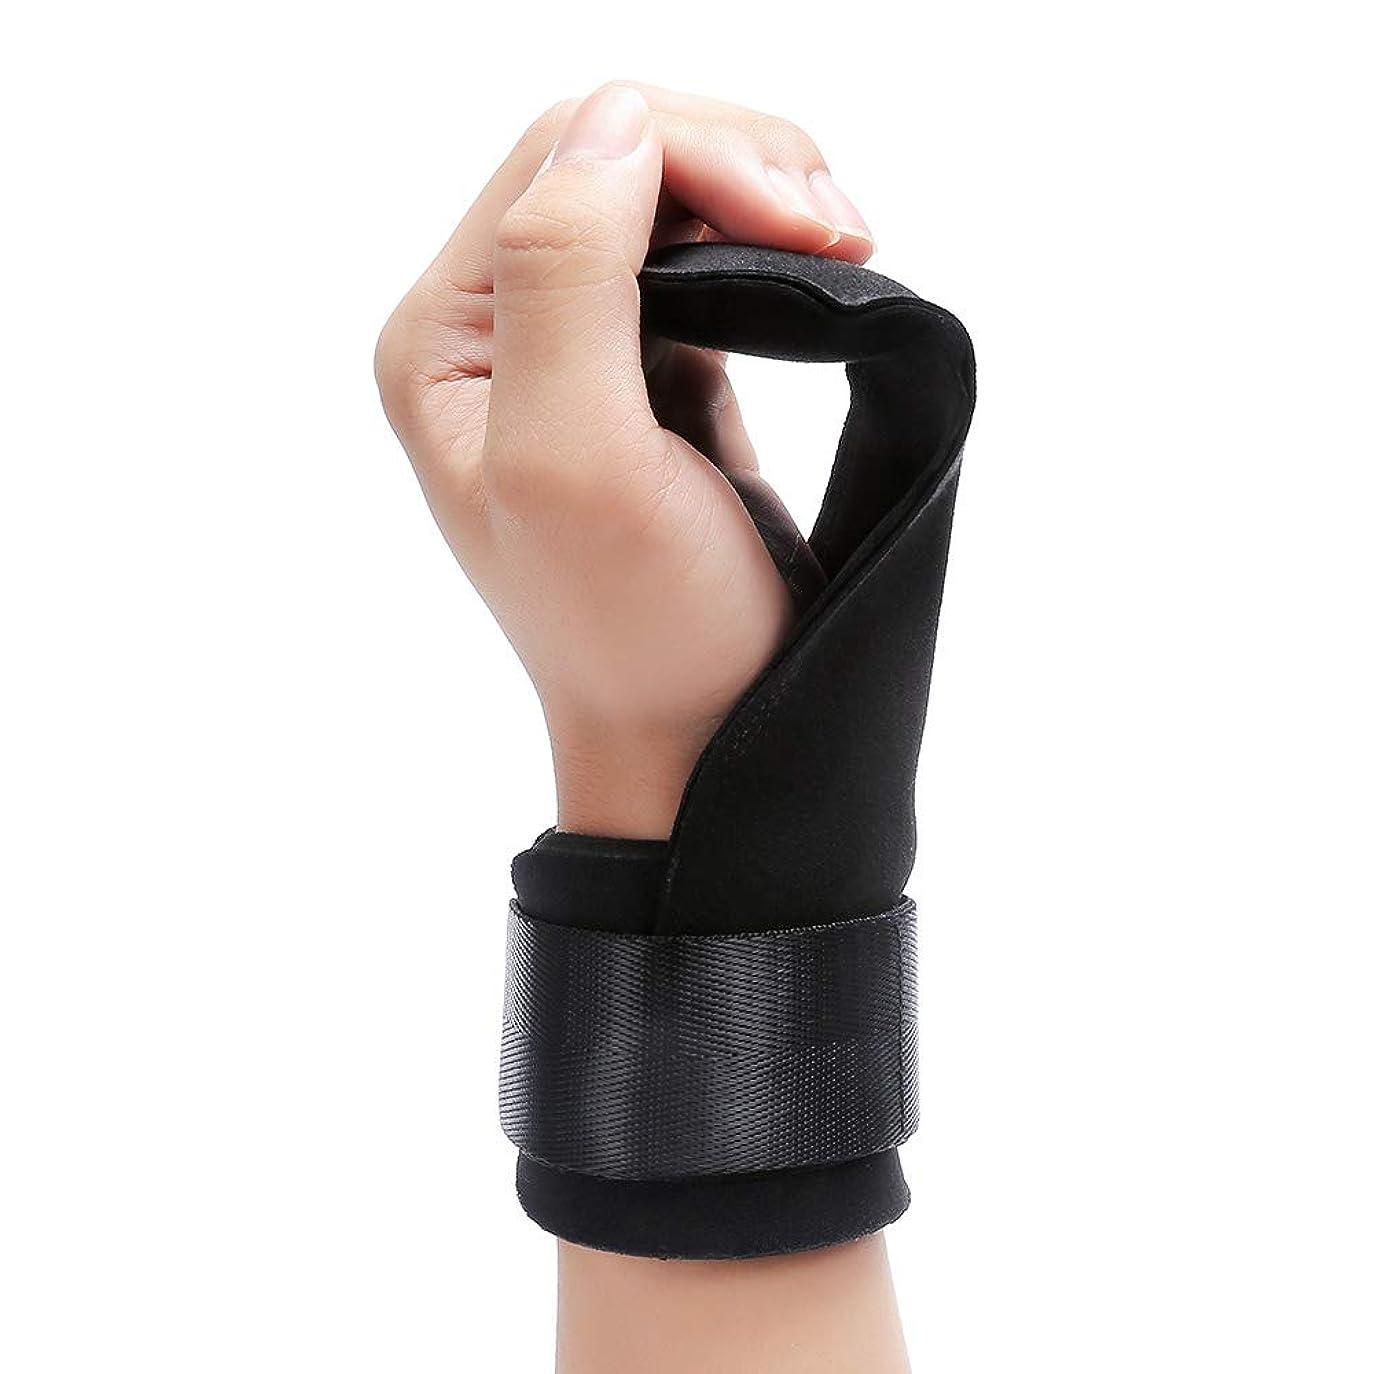 膿瘍オーストラリア人残忍なMerkmak パワーグリップ トレーニンググリップ 握力補助 サポート ウエイト グローブ 筋トレ 懸垂 滑り止め加工 筋肉を追い込み ケガ予防 リフティング サポート 男女兼用